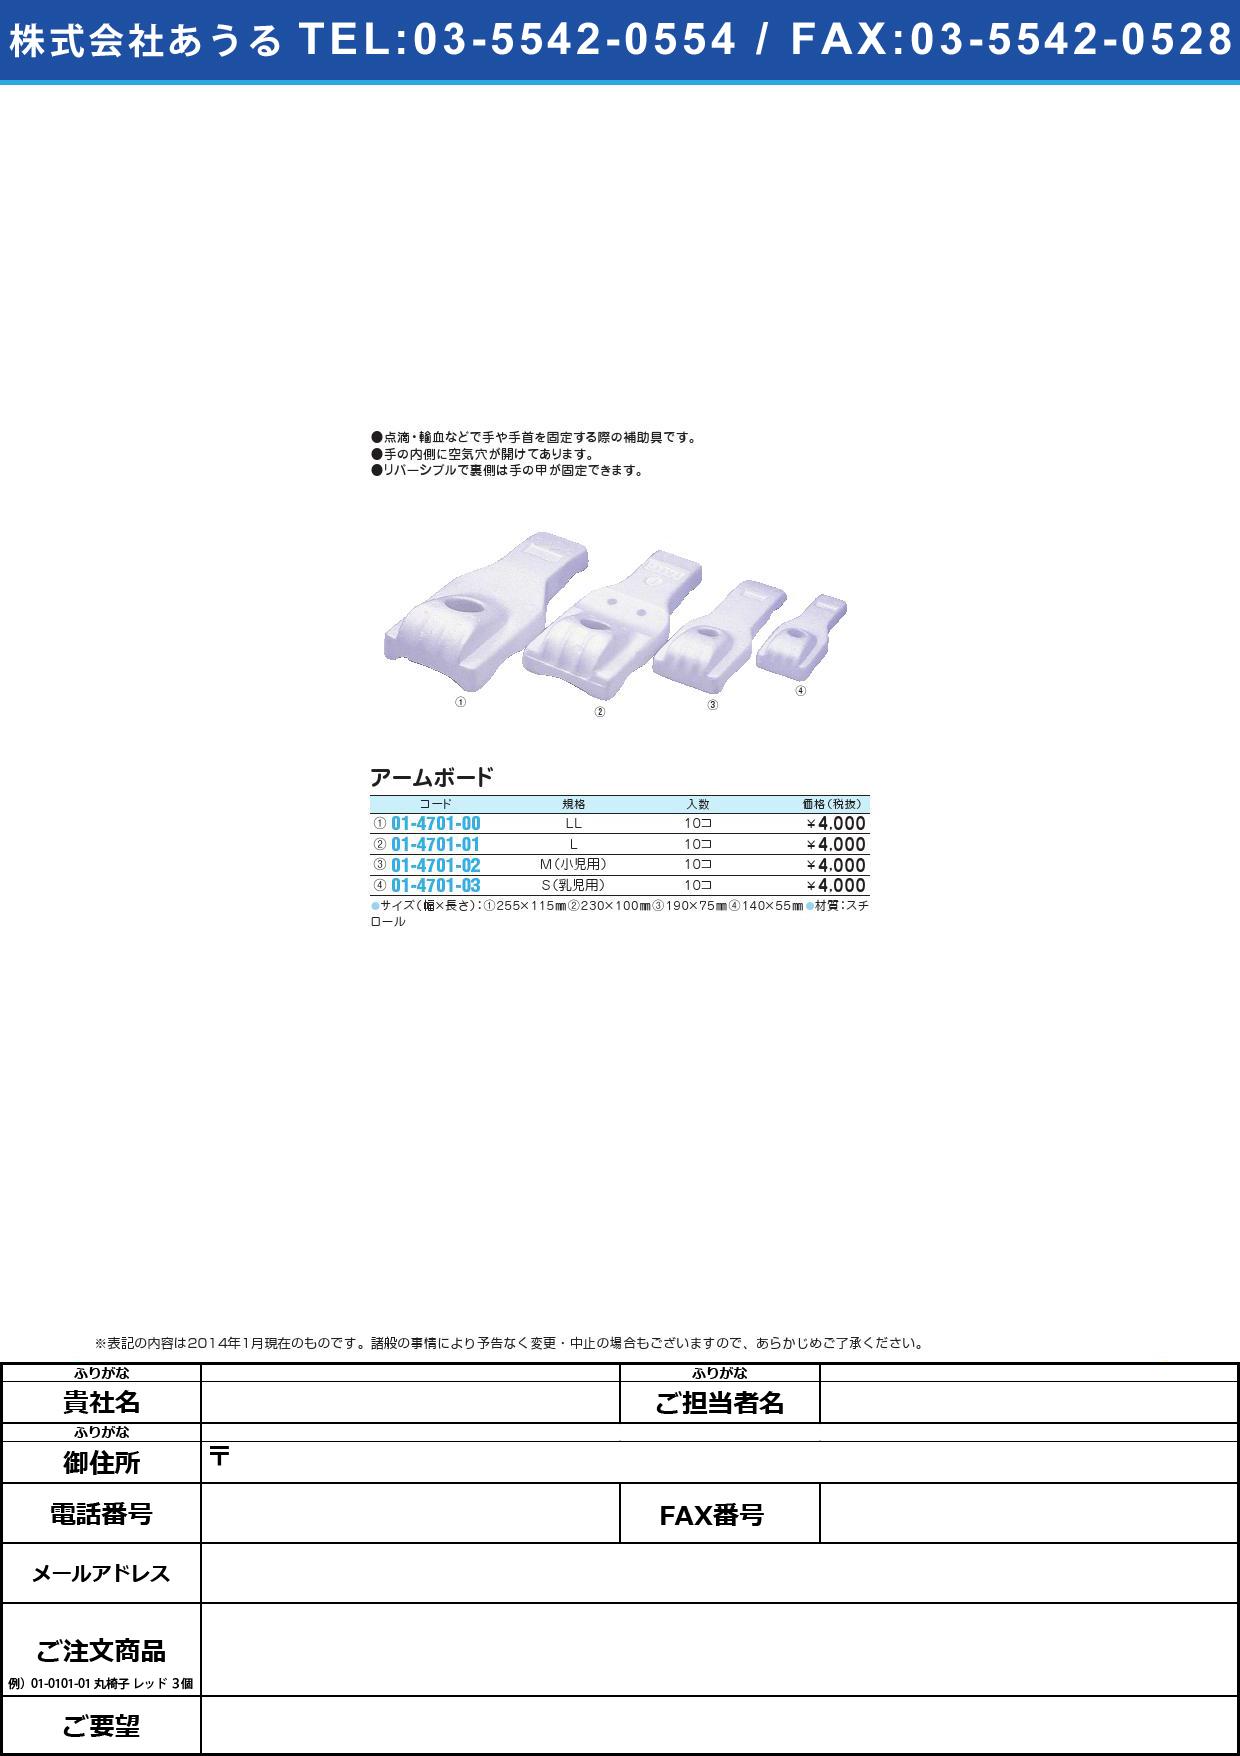 アームボード(小児用) アームボード(ショウニヨウ) 10122 (M)【1箱単位】(01-4701-02)